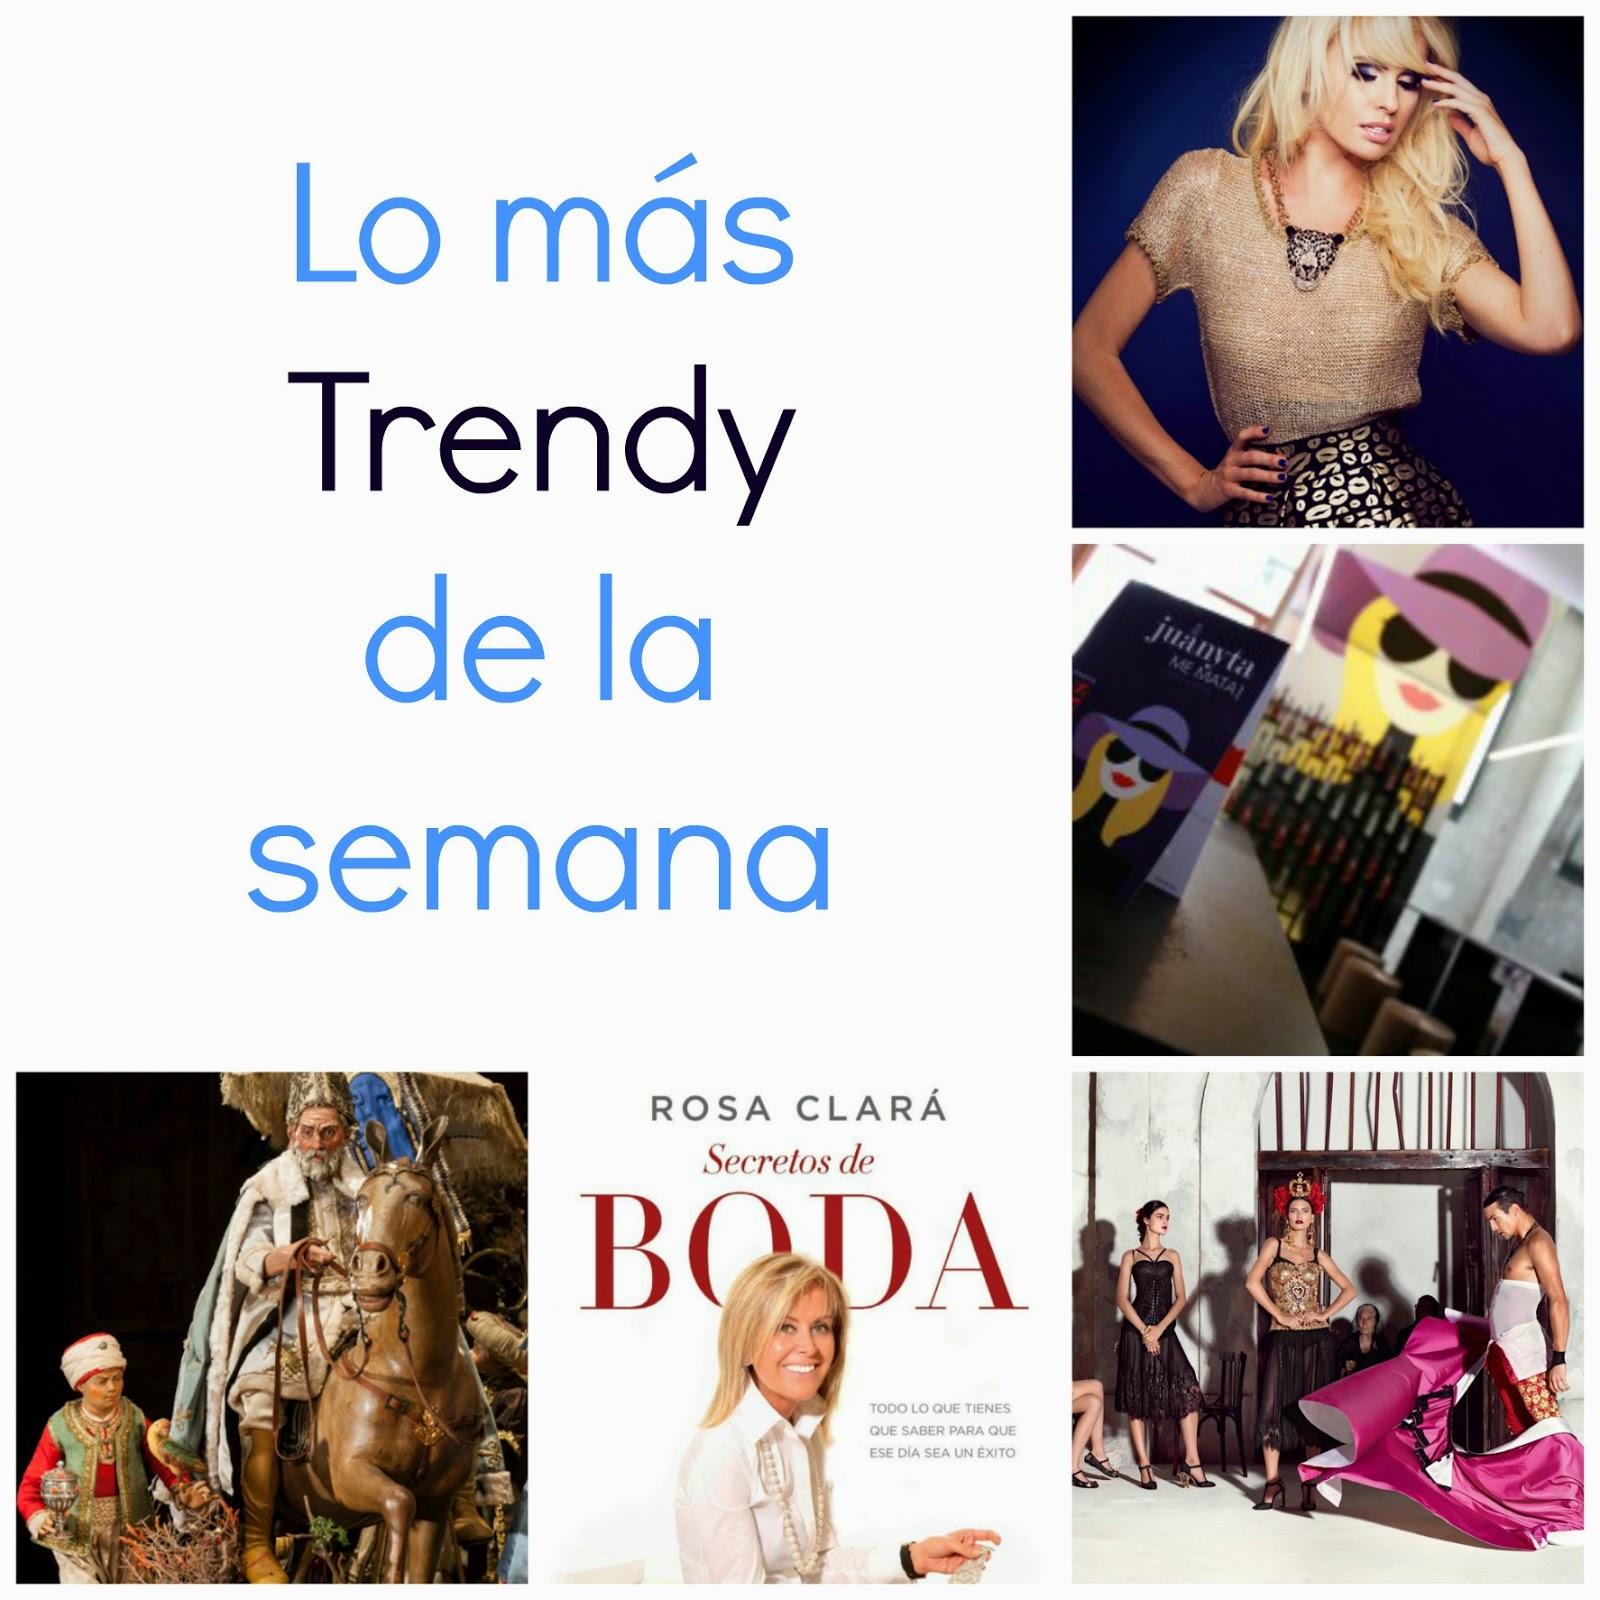 planes Madris Navidad trendy Barbarella campaña Dolce Gabbana Libro Rosa Clara tendencias